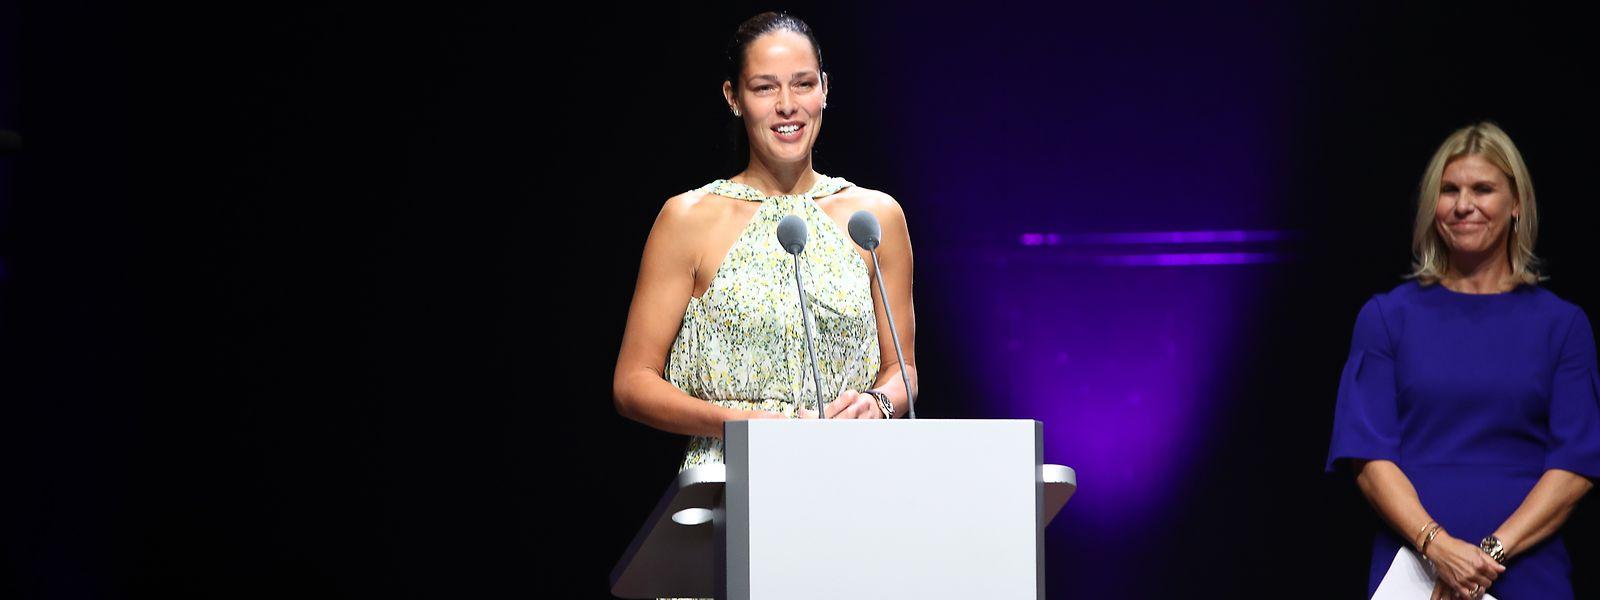 Ana Ivanovic (l.) hat den Jana-Novotna-Award erhalten.